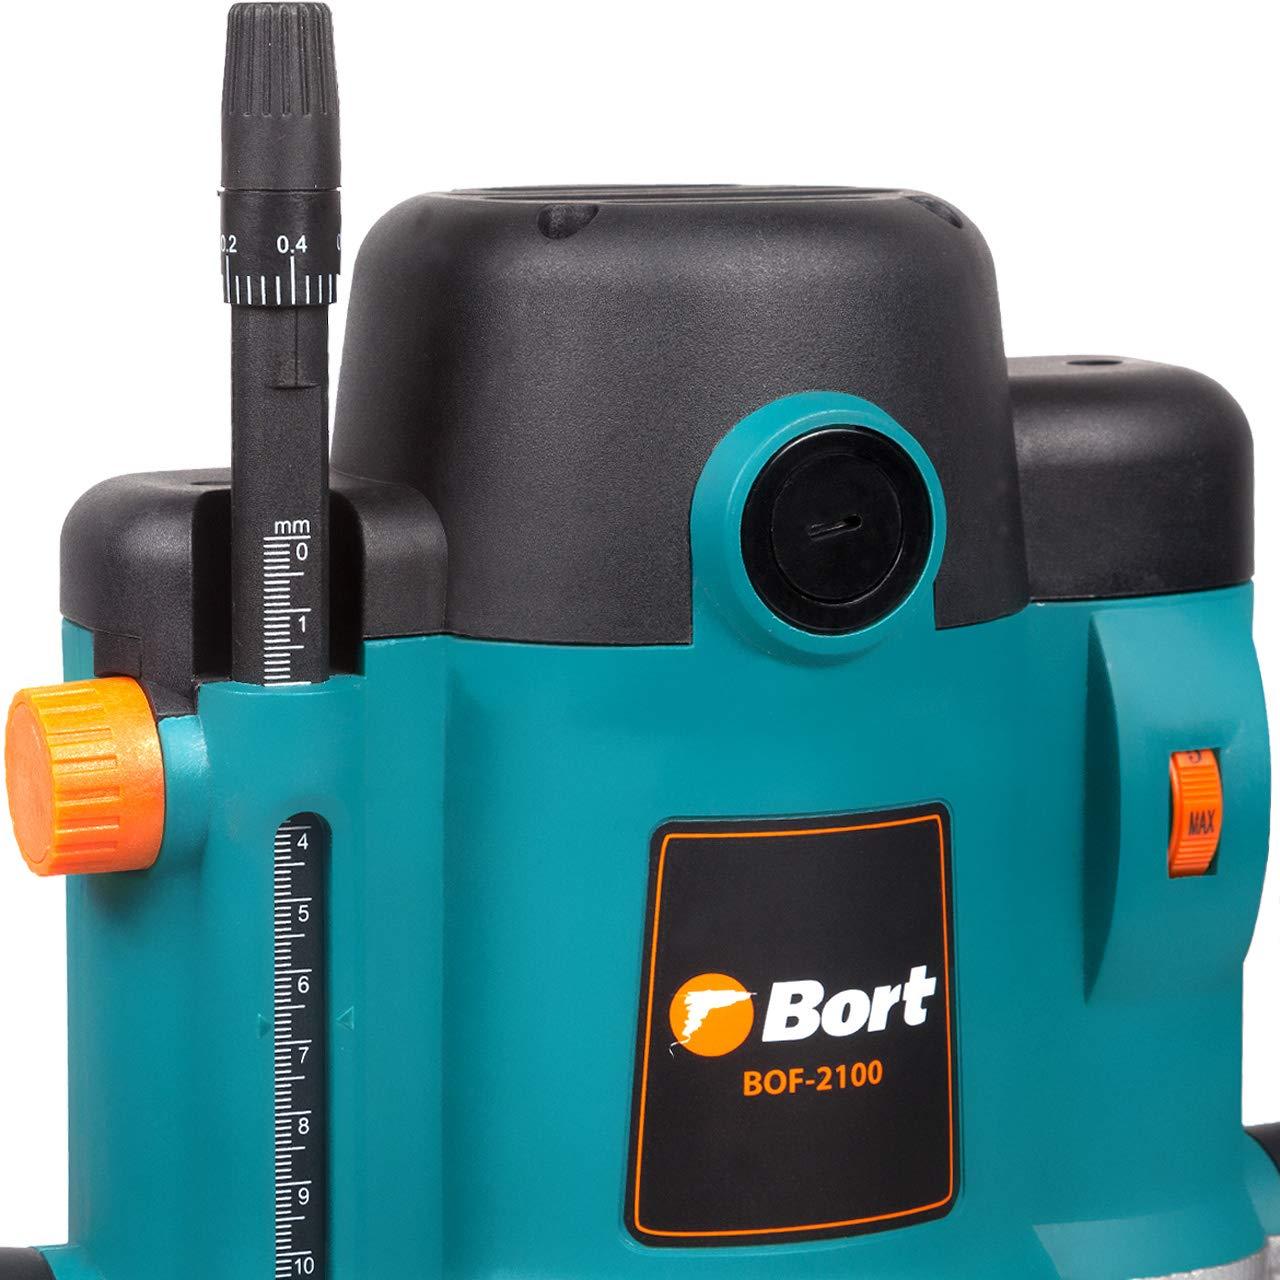 Bort BOF-2100 Fresadora 2100 W, tenazas de 8 mm de di/ámetro, 12 mm, 8000-23000 RPM, regulaci/ón de velocidad con comp/ás, tope paralelo, conexi/ón para aspiradora